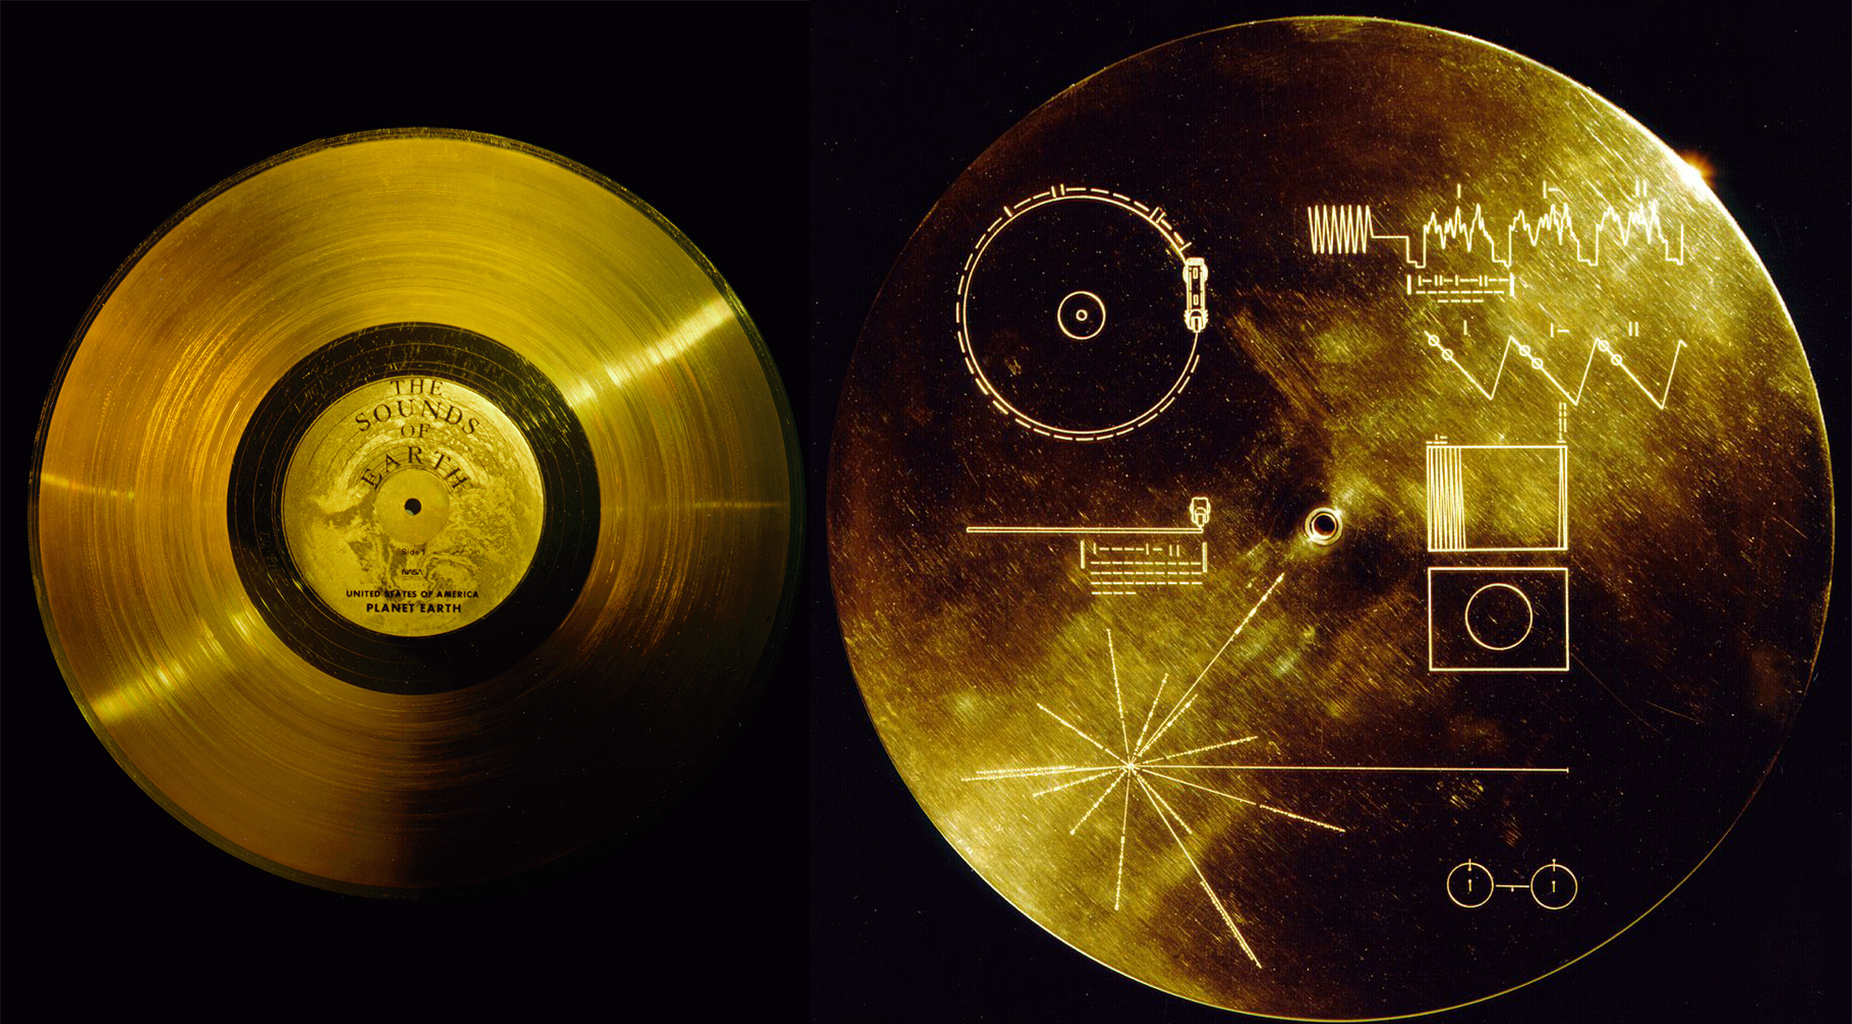 Золотой диск со звуками с Земли и крышка диска с Вояджера